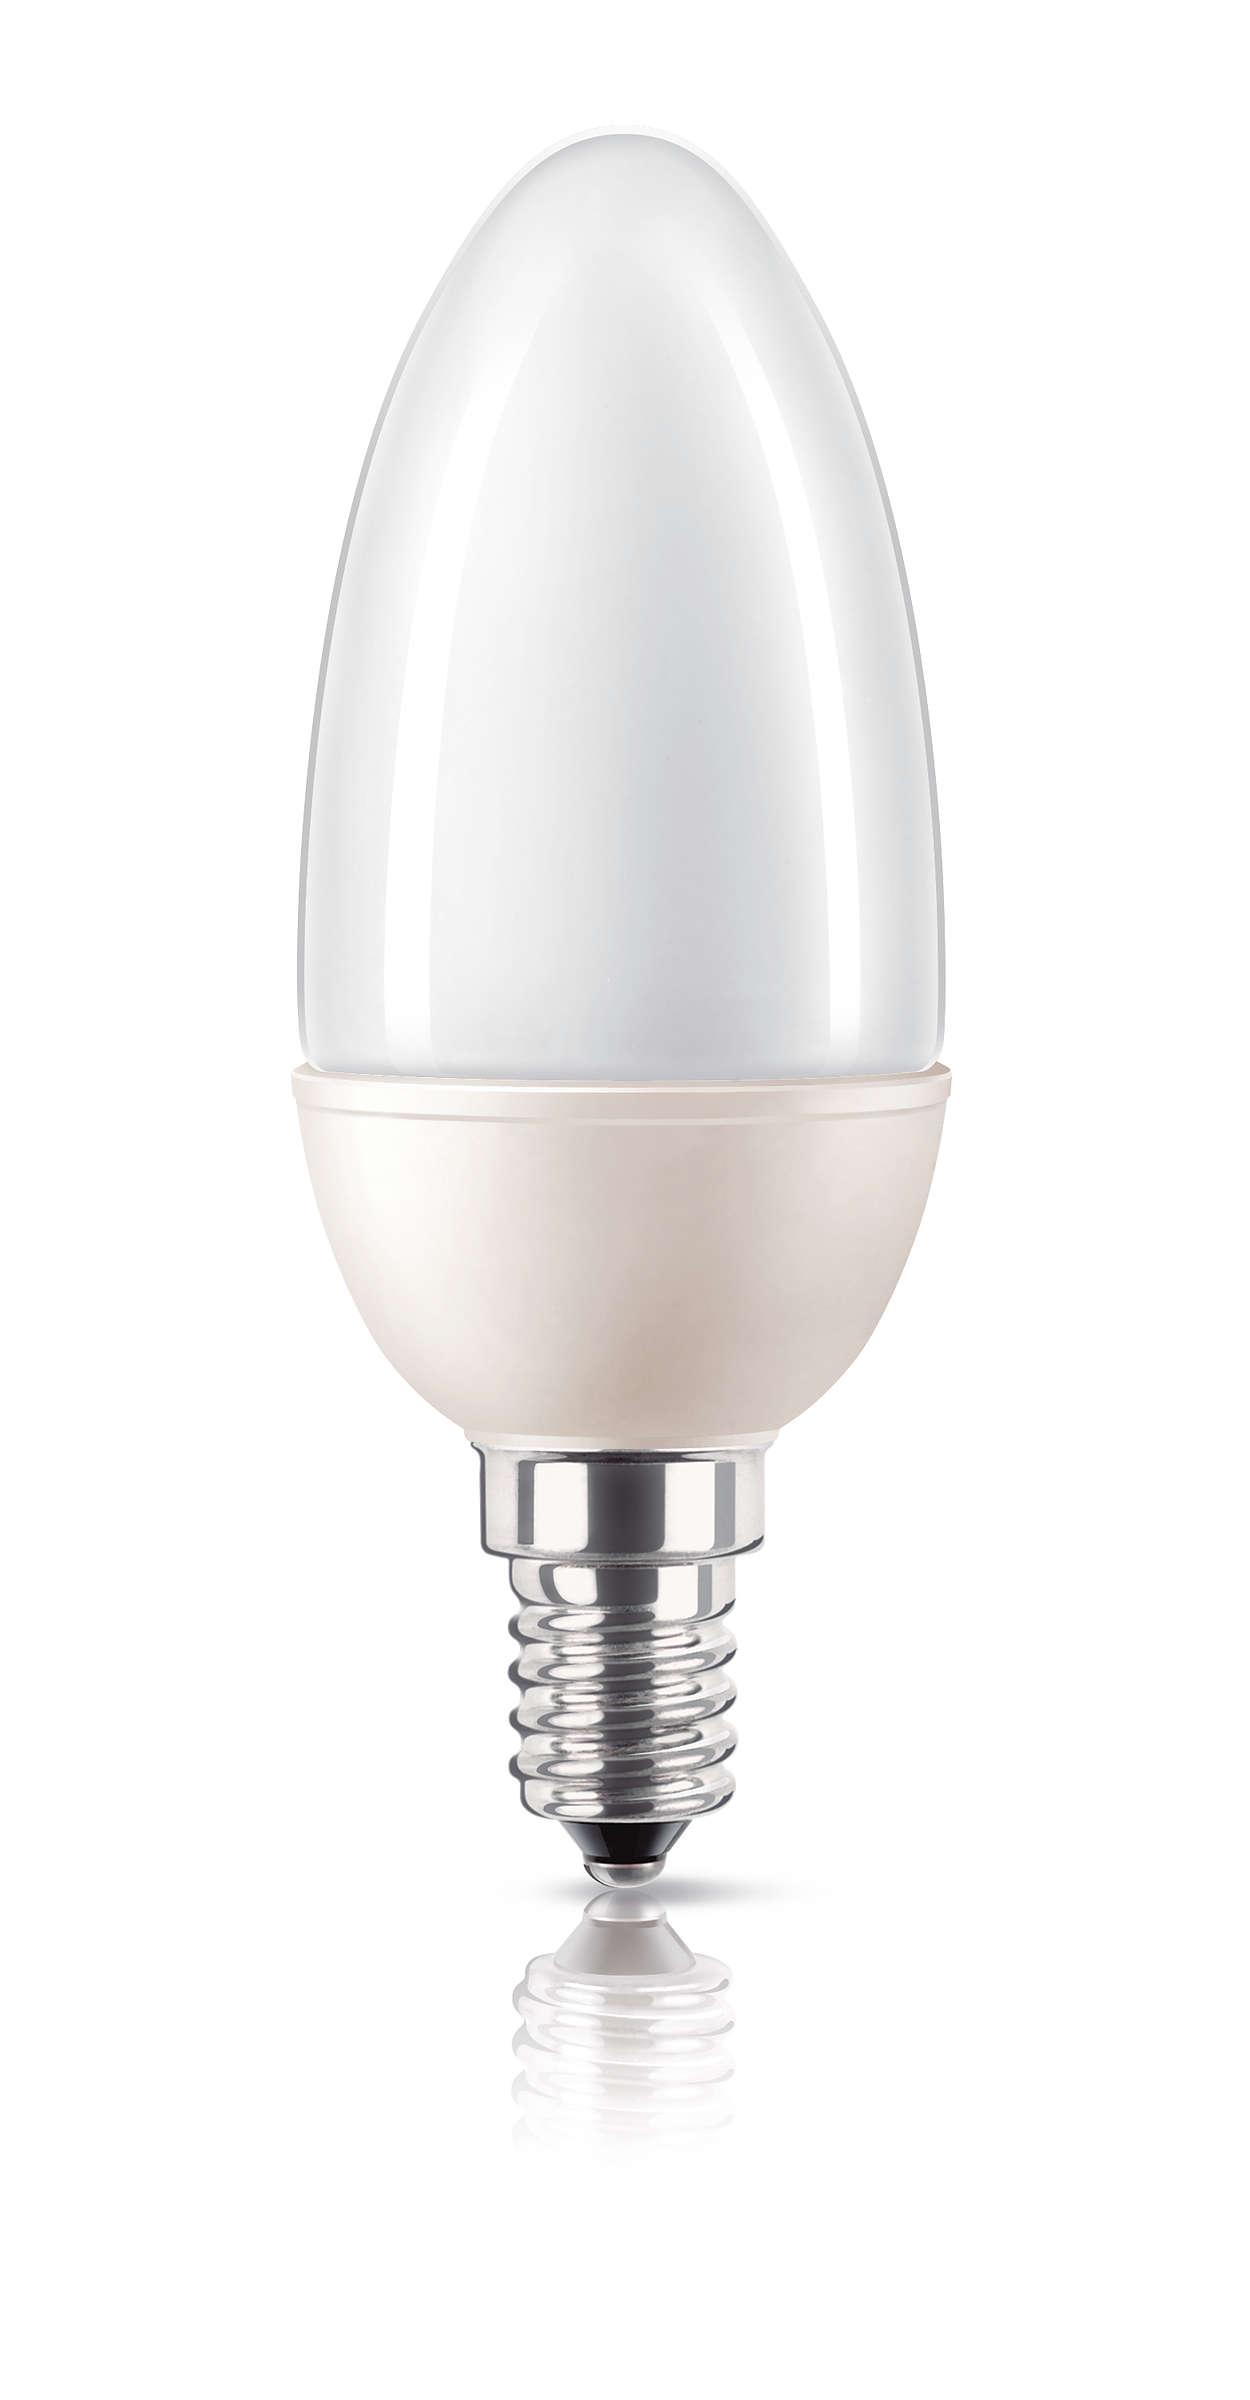 Bombilla básica de bajo consumo con diseño de vela